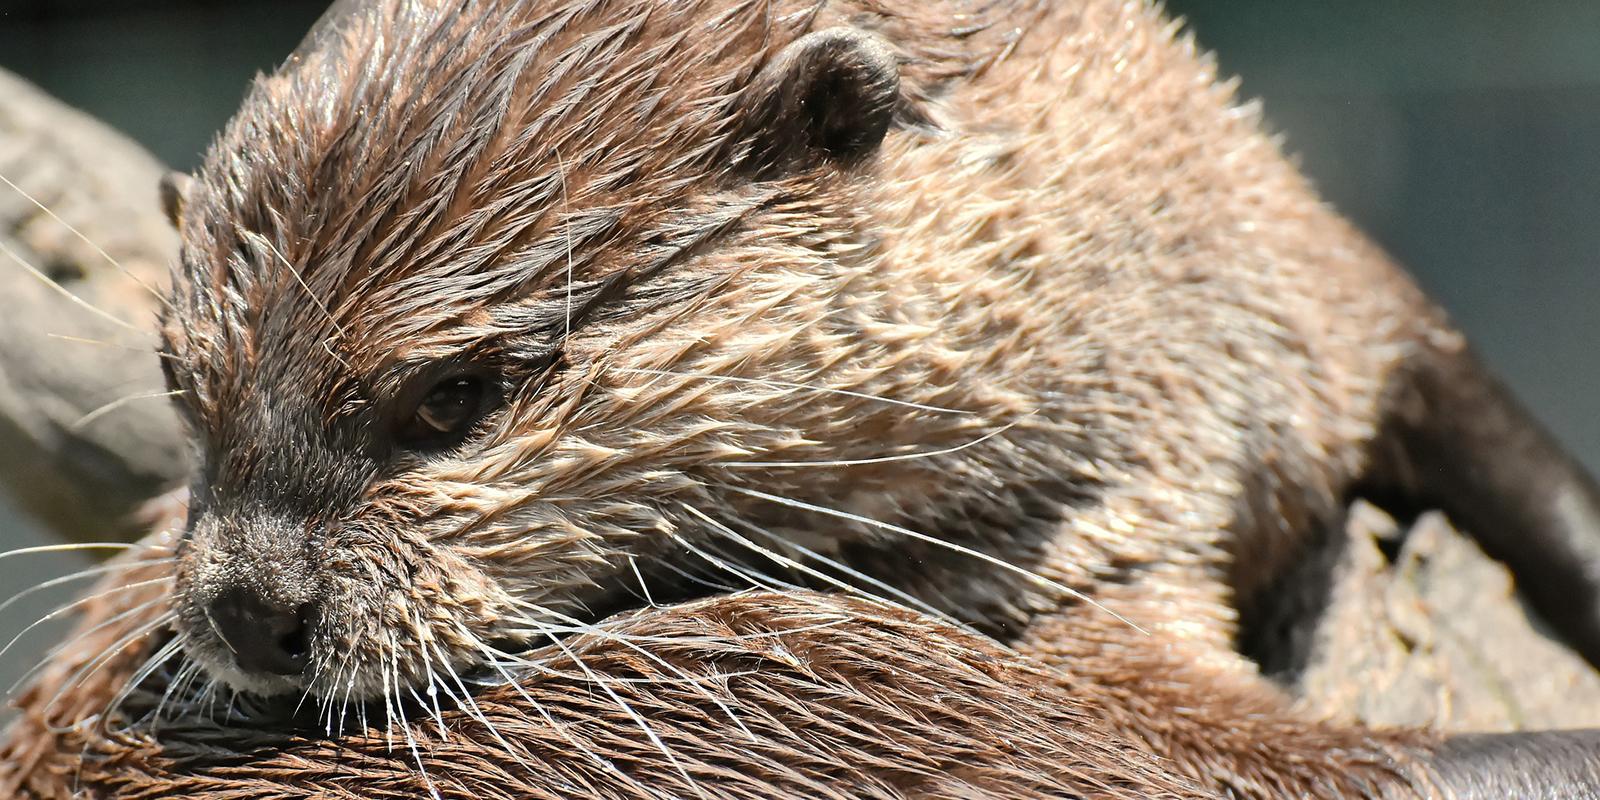 Otter als Haustiere: Otter sind anspruchsvolle Tiere